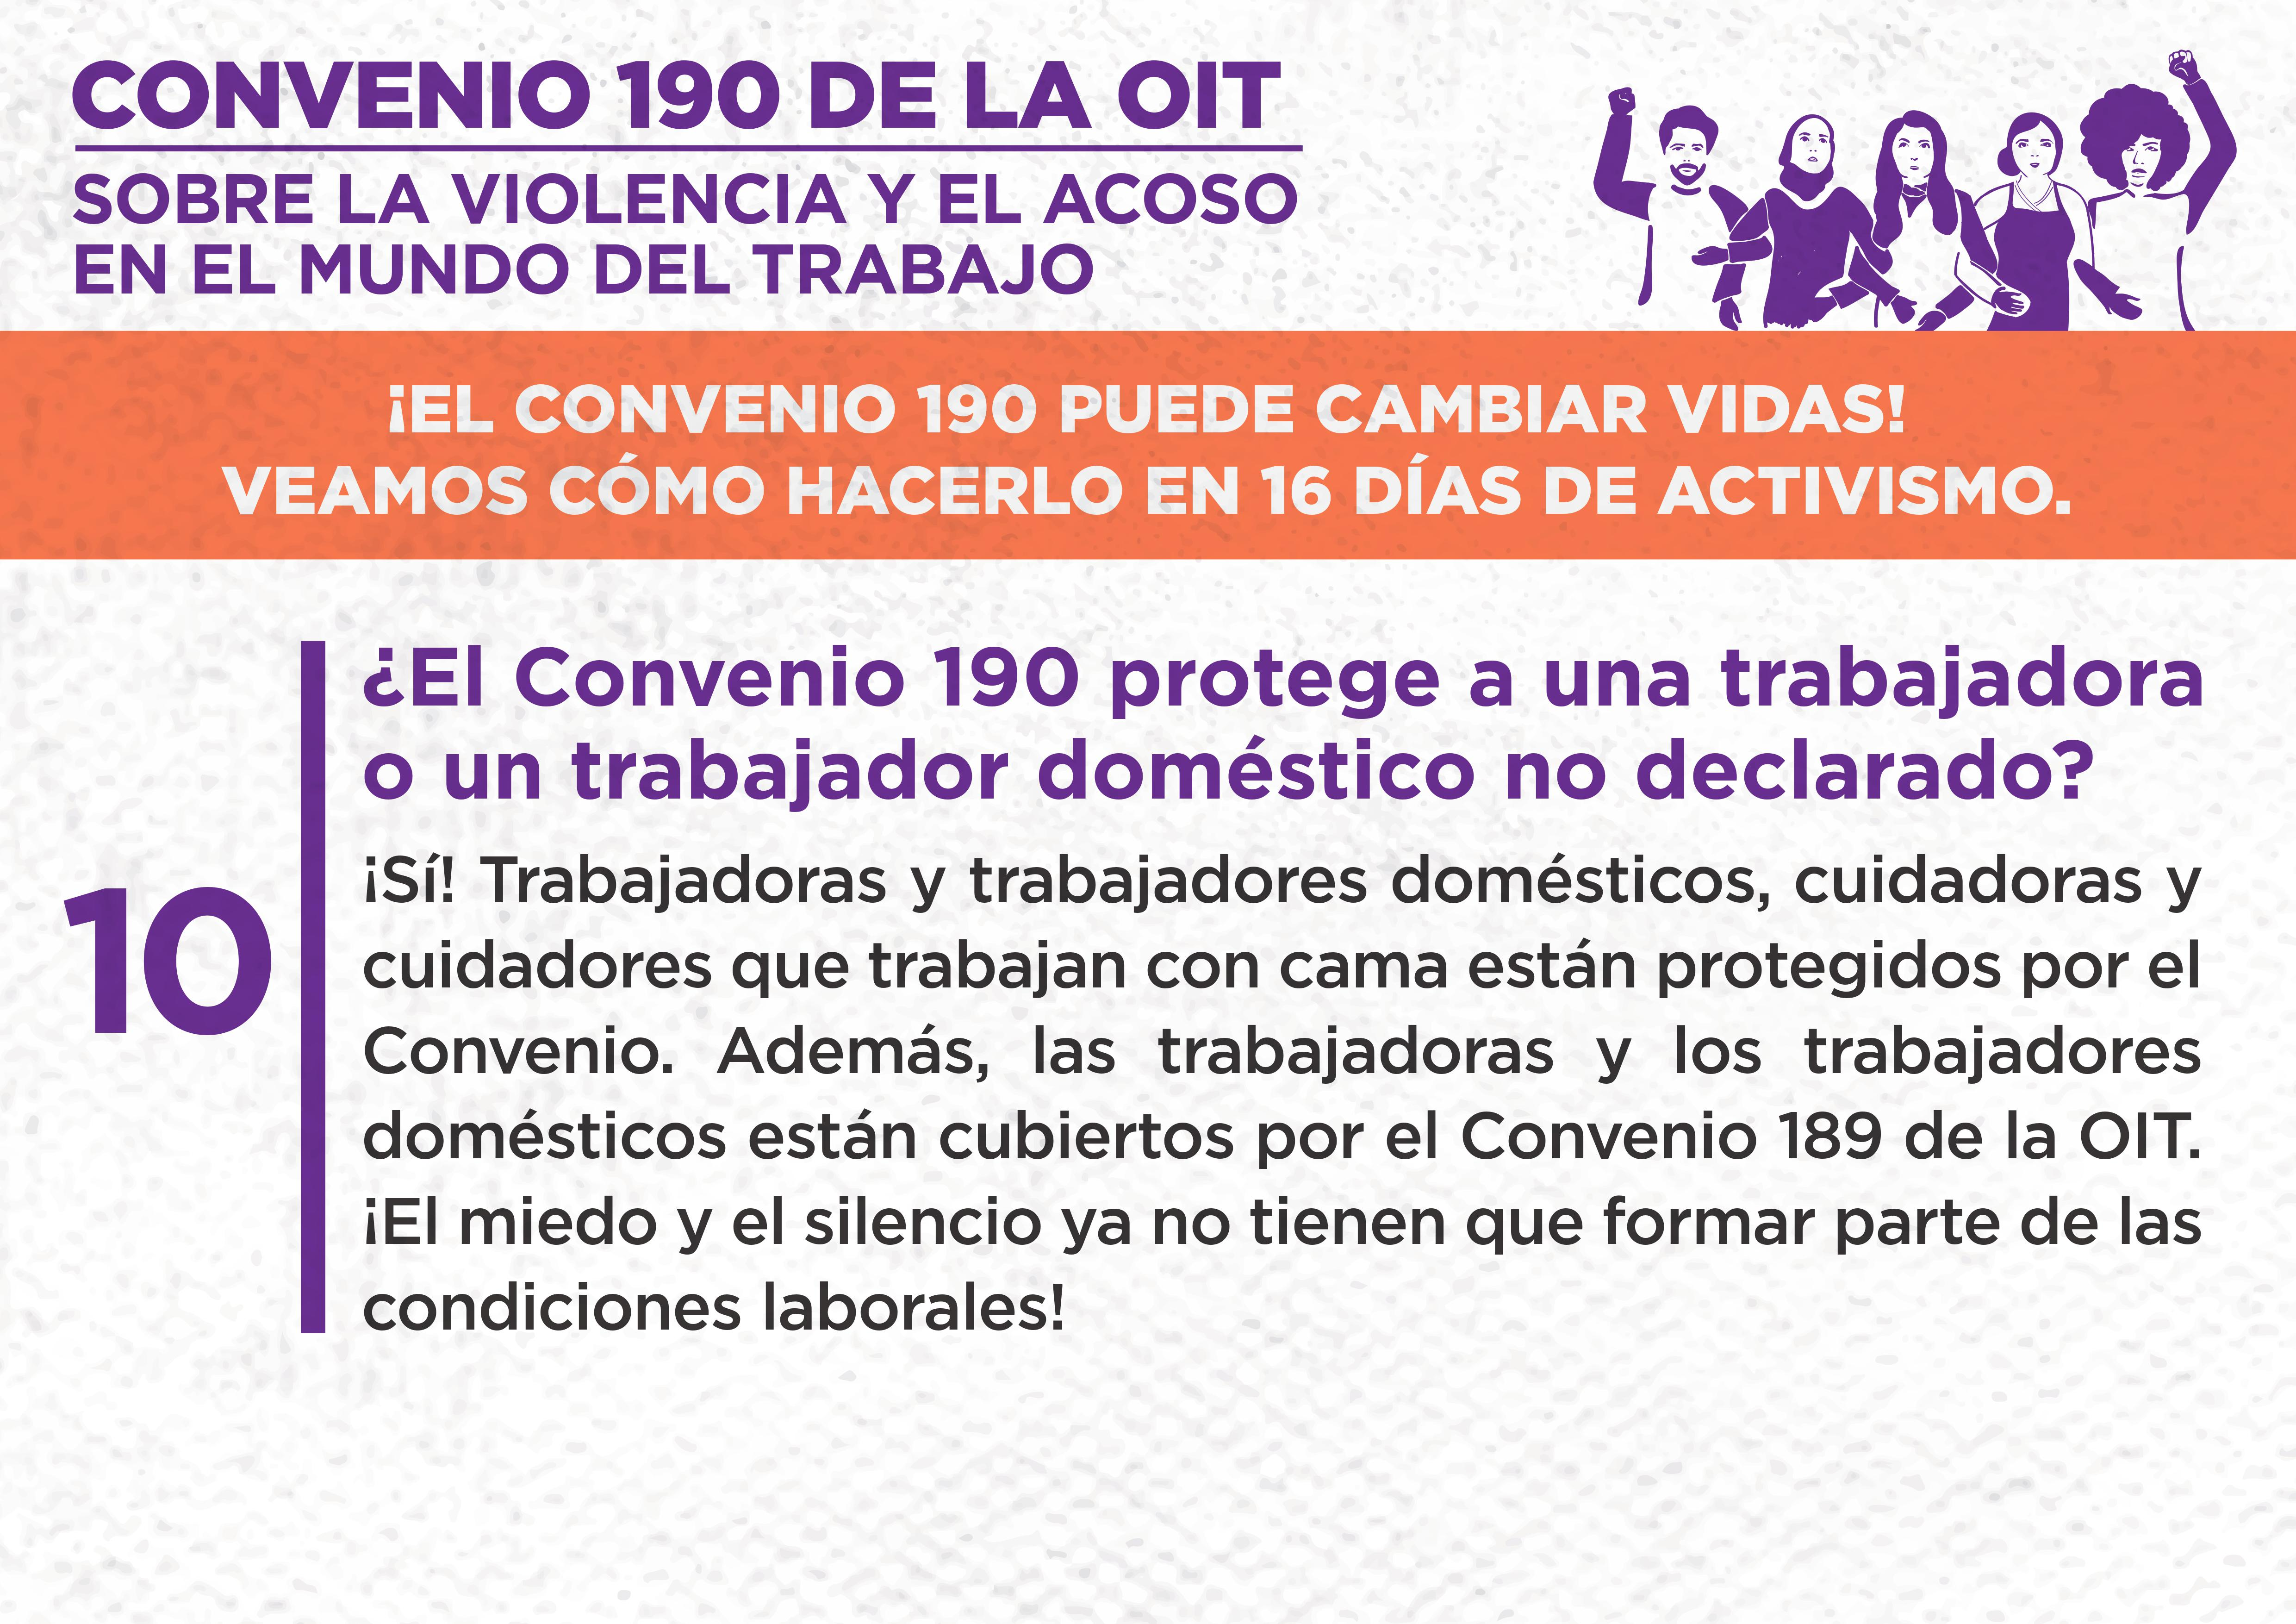 10. ¿El Convenio 190 protege a una trabajadora o un trabajador doméstico no declarado?